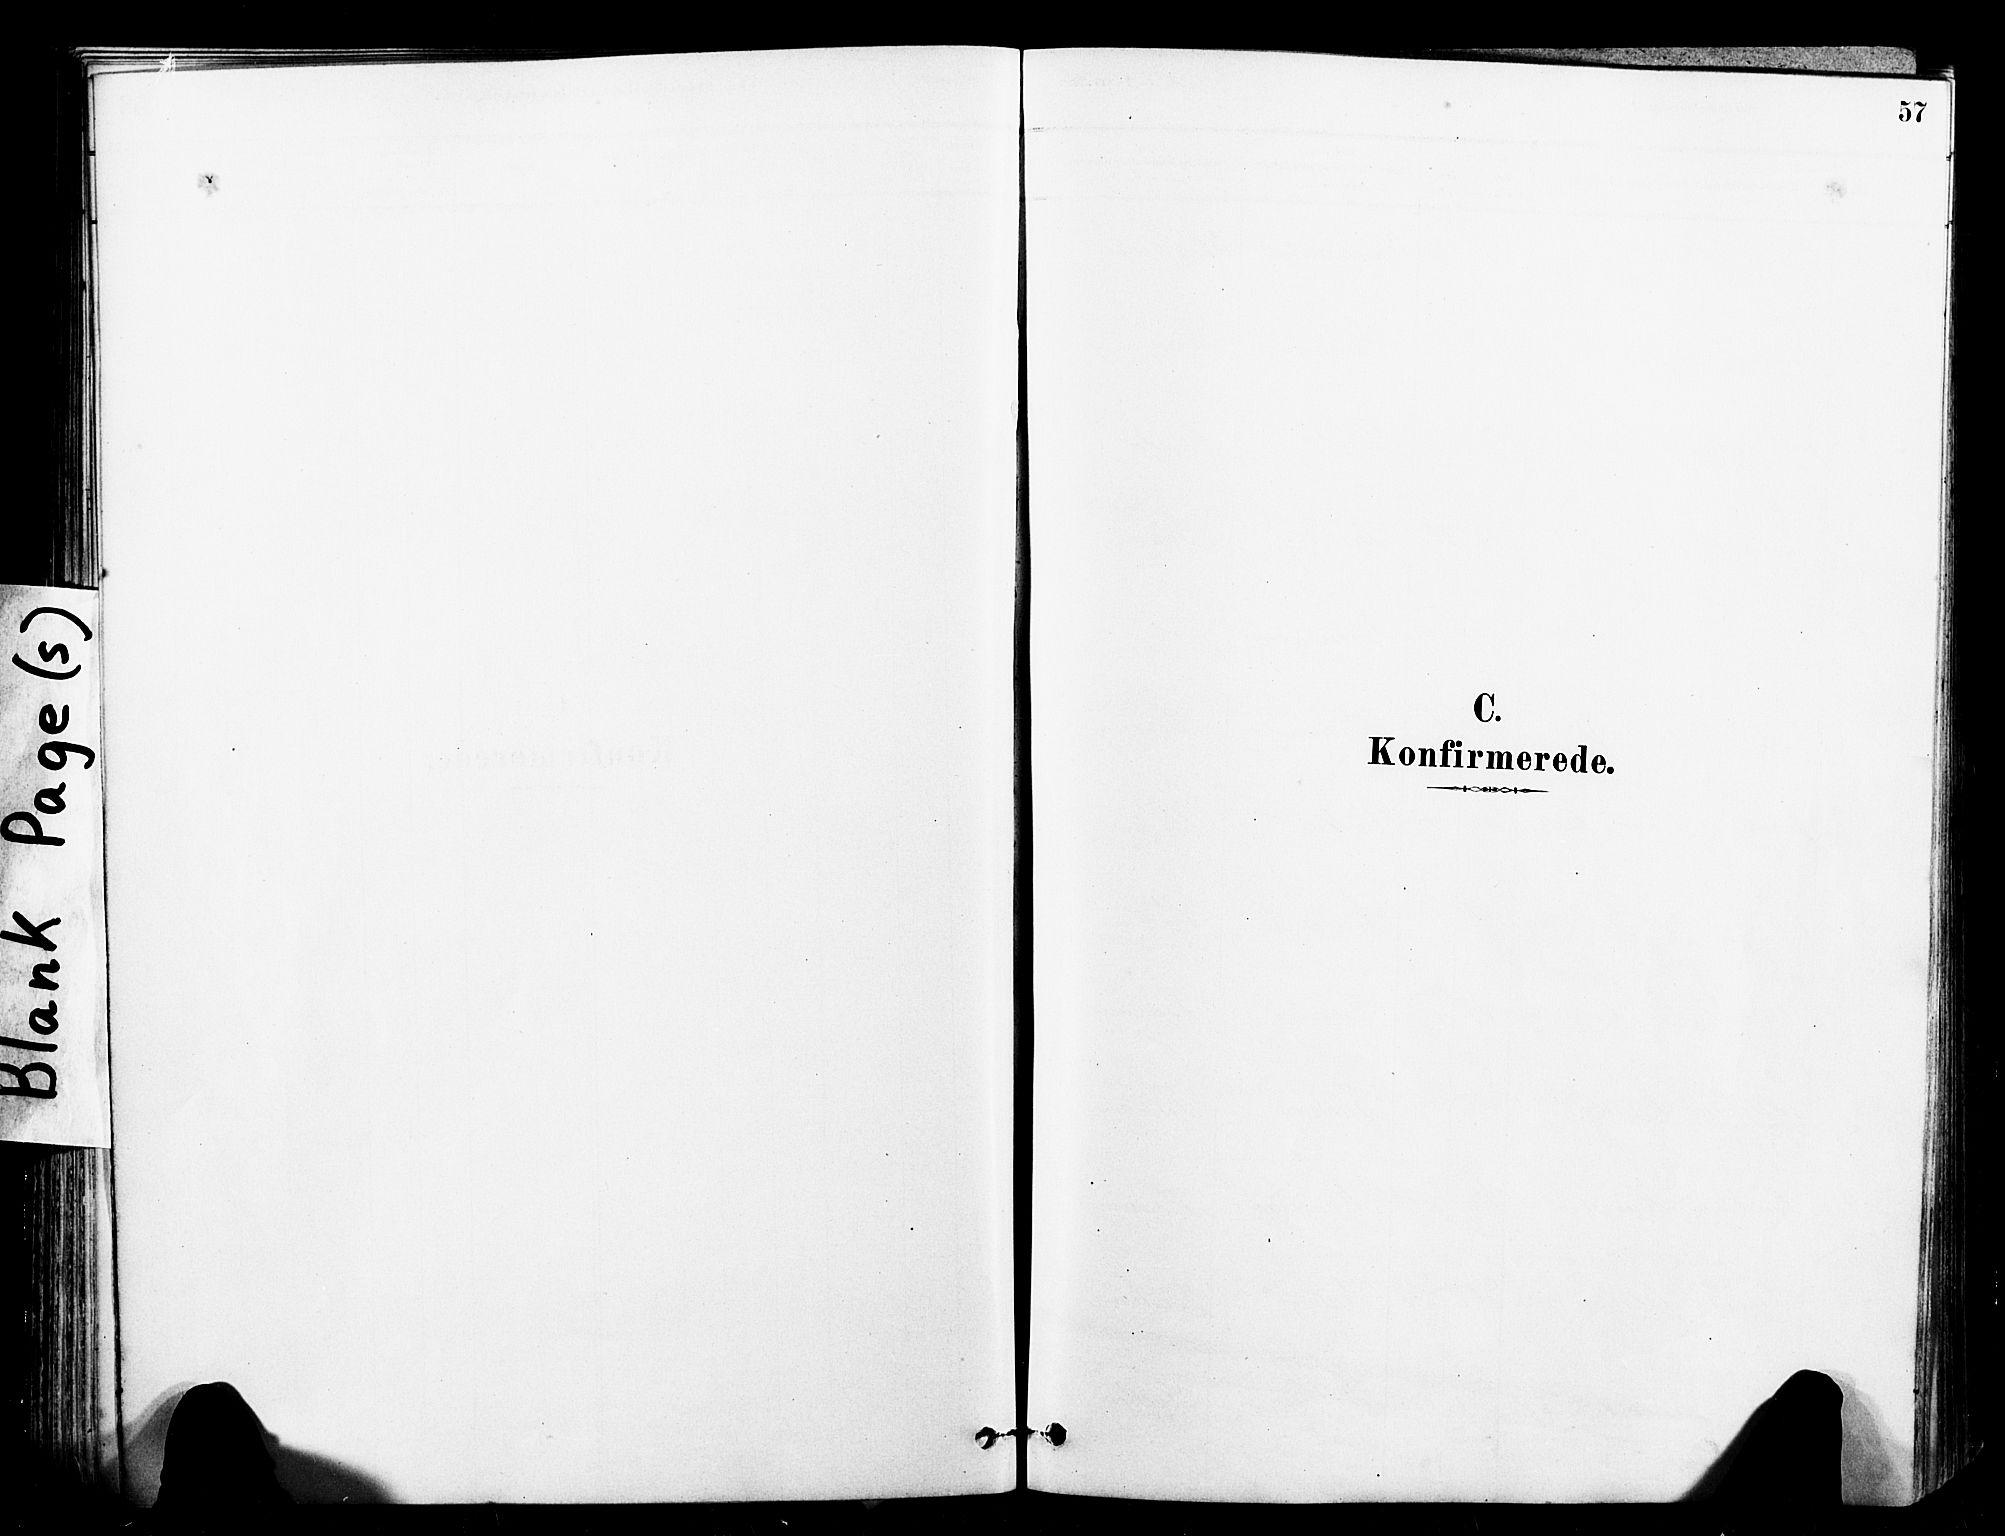 SAT, Ministerialprotokoller, klokkerbøker og fødselsregistre - Sør-Trøndelag, 641/L0595: Ministerialbok nr. 641A01, 1882-1897, s. 57